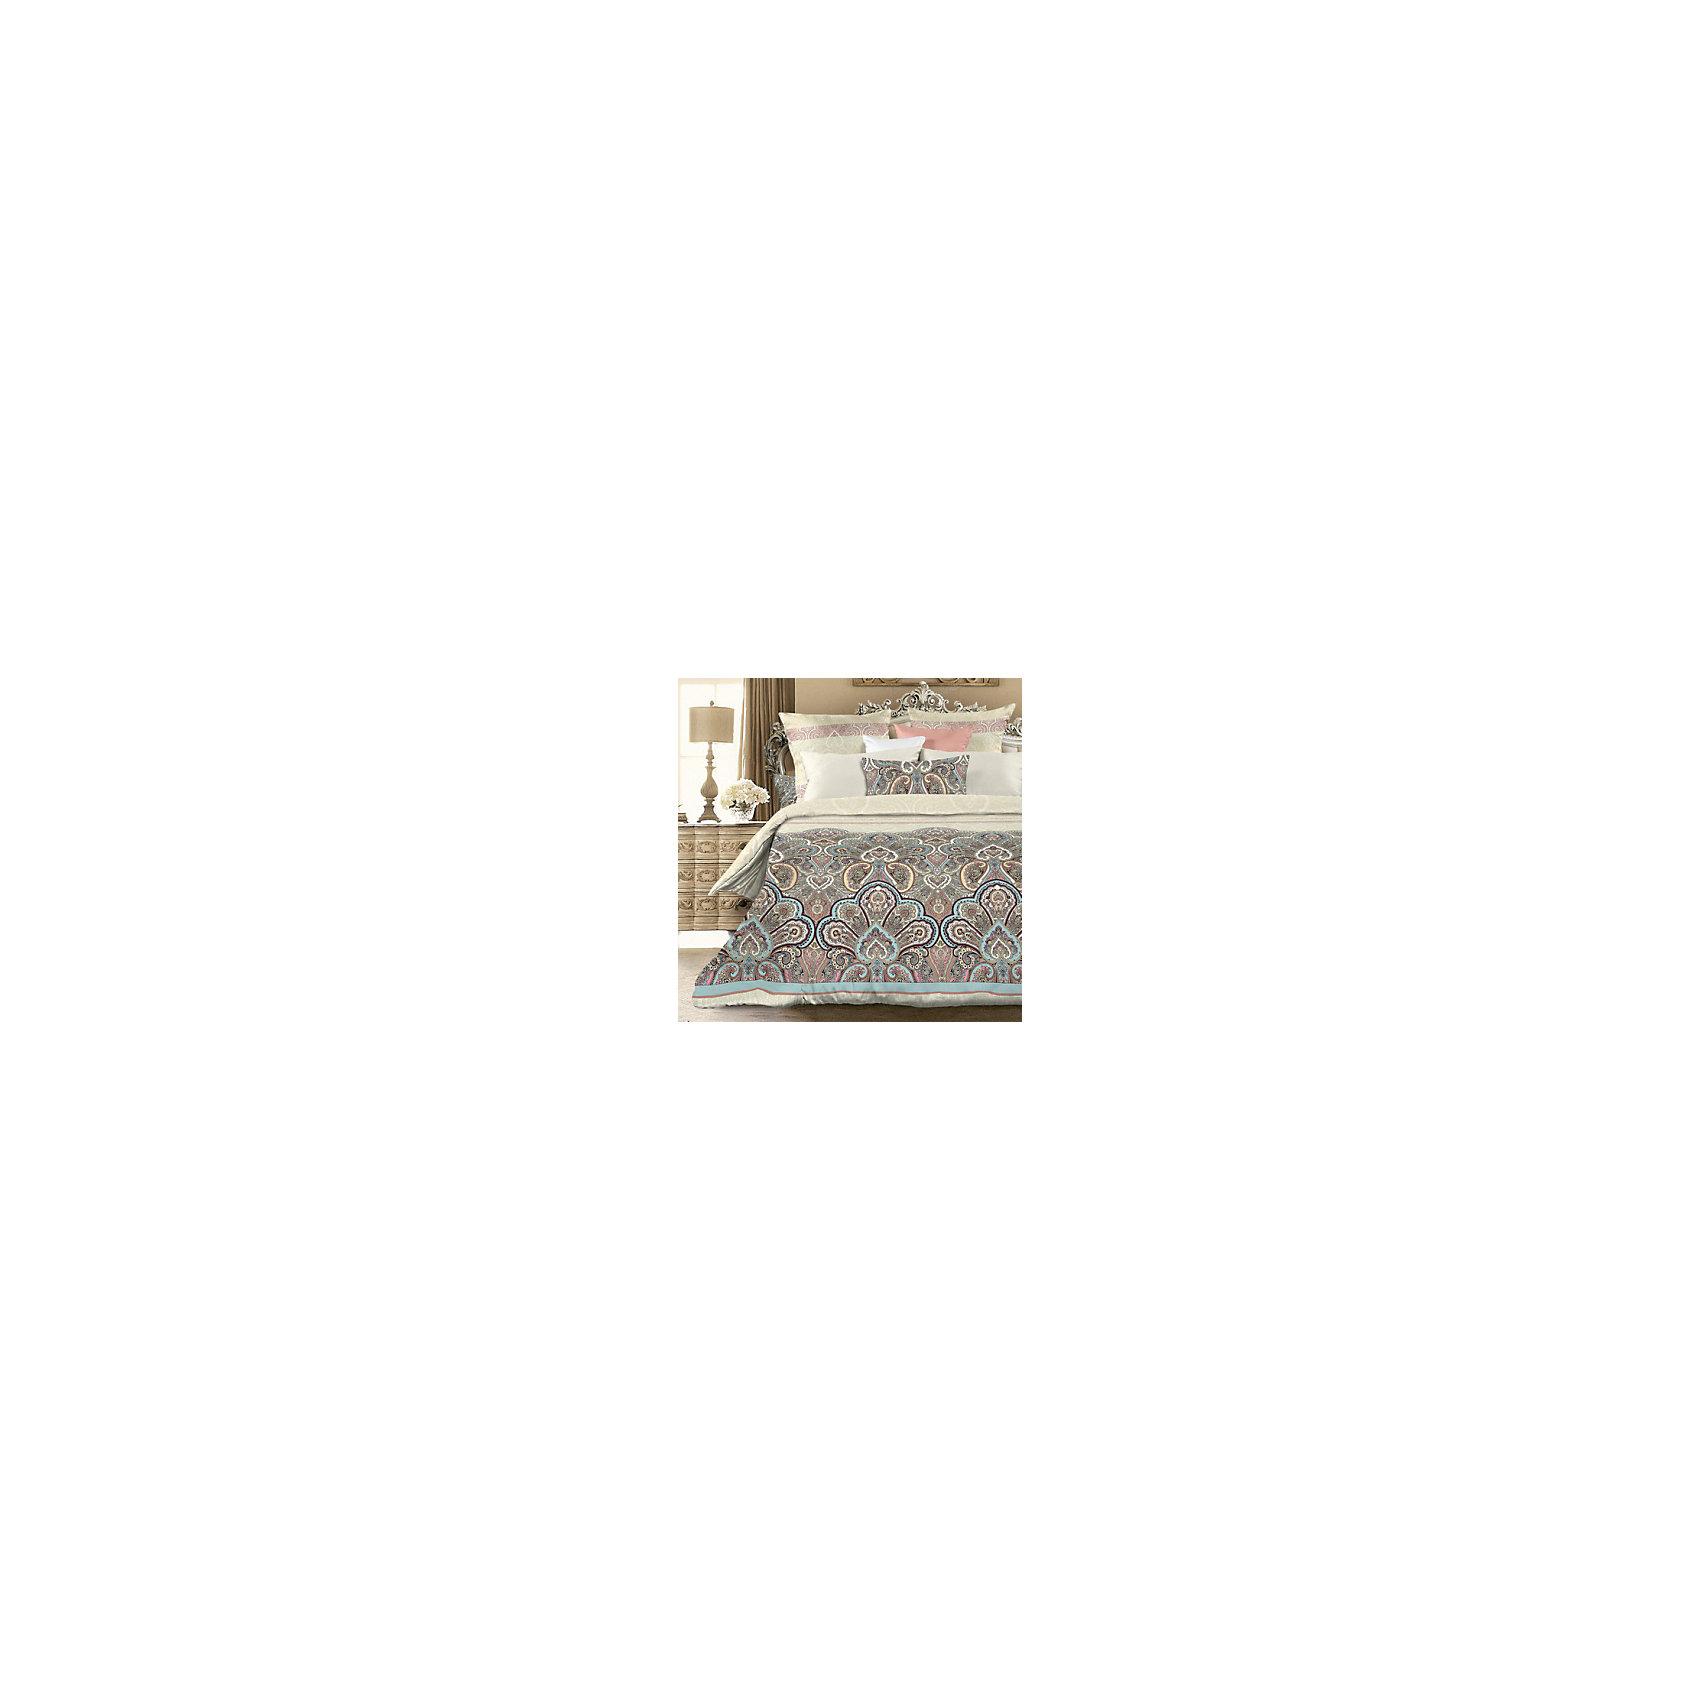 Постельное белье 1,5 Лэйла, Унисон биоматинДомашний текстиль<br>Постельное белье 1,5 Лэйла, Унисон биоматин<br><br>Характеристики:<br><br>• изготовлен из мягкого прочного материала<br>• гипоаллергенный<br>• в комплекте: пододеяльник, простыня, наволочки (2 шт.)<br>• материал: биоматин (100% хлопок)<br>• плотность: 115 г/м2<br>• размер пододеяльника: 145х215 см<br>• размер простыни: 150х220 см<br>• размер наволочки: 70х70 см<br><br>Правильно выбранное постельное белье подарит вам не только комфорт и гармонию, но и здоровый сон. Комплект постельного белья Лейла от торговой марки Унисон изготовлено из высококачественного экологически чистого материала - биоматин. На ощупь он очень мягкий и легкий. А такие свойства как прочность, долговечность и устойчивость к стиркам непременно порадуют вас. Кроме того, белье не собирает пыль и достаточно устойчиво к загрязнениям. Белье декорировано роскошным узором. Комплект Лейла долго сохранит чистоту и свежесть, заботясь о вашем сне и отдыхе!<br><br>Постельное белье 1,5 Лэйла, Унисон биоматин вы можете купить в нашем интернет-магазине.<br><br>Ширина мм: 350<br>Глубина мм: 290<br>Высота мм: 150<br>Вес г: 1400<br>Возраст от месяцев: 36<br>Возраст до месяцев: 216<br>Пол: Унисекс<br>Возраст: Детский<br>SKU: 5288404